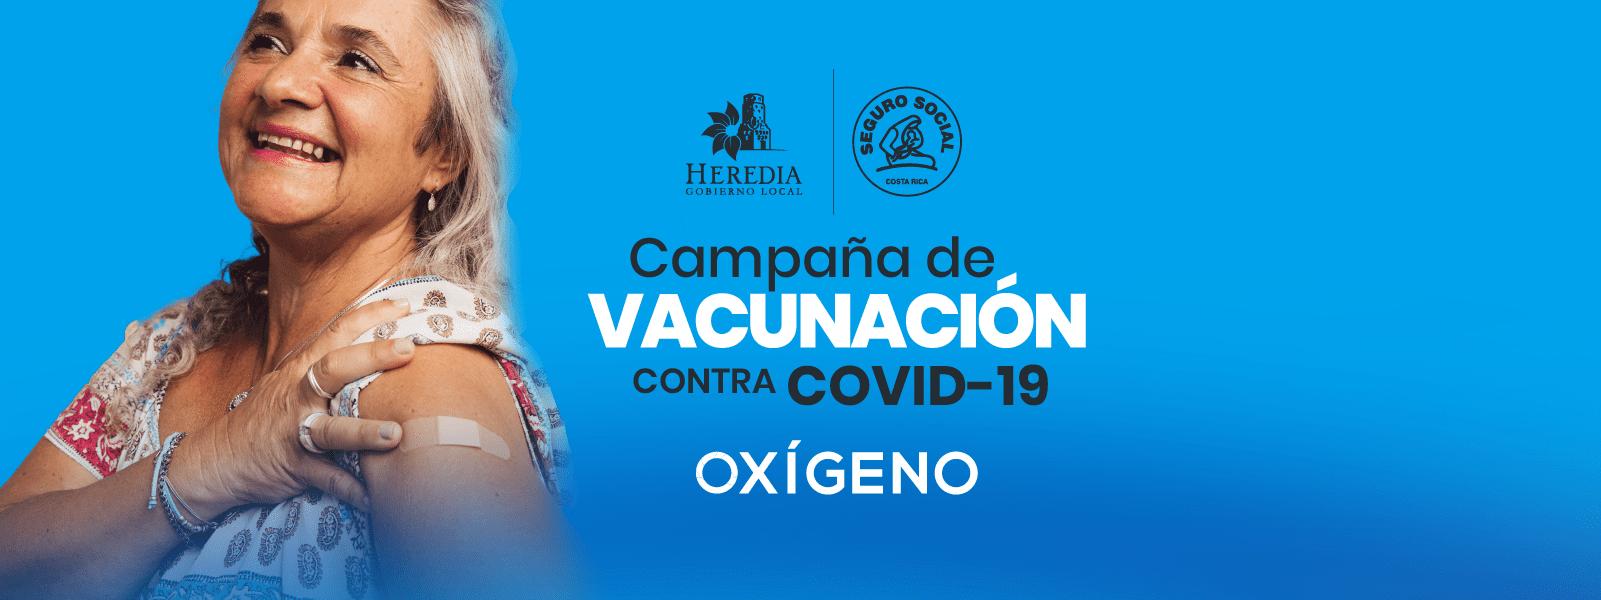 WEB Vacunación OX_1600x600  (1)